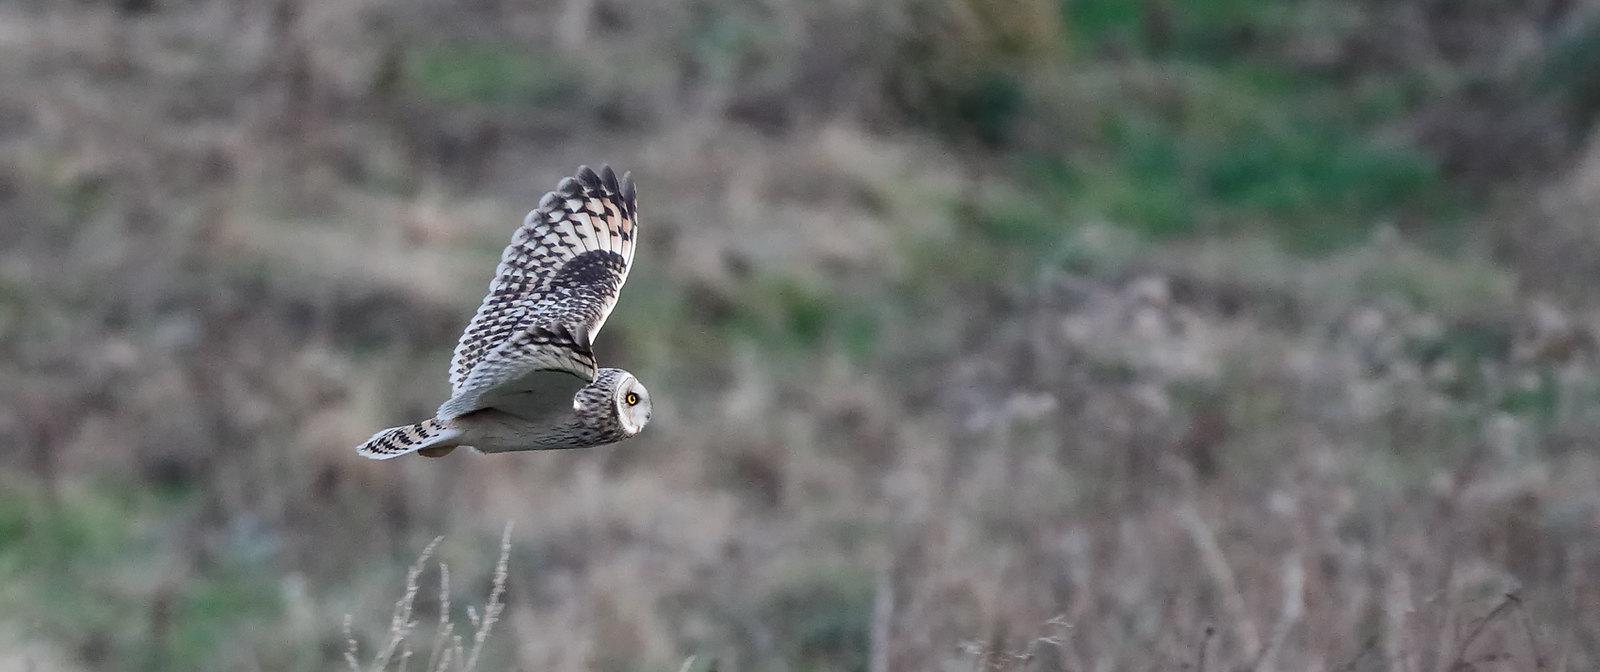 Shoert-eared Owl/s at dusk